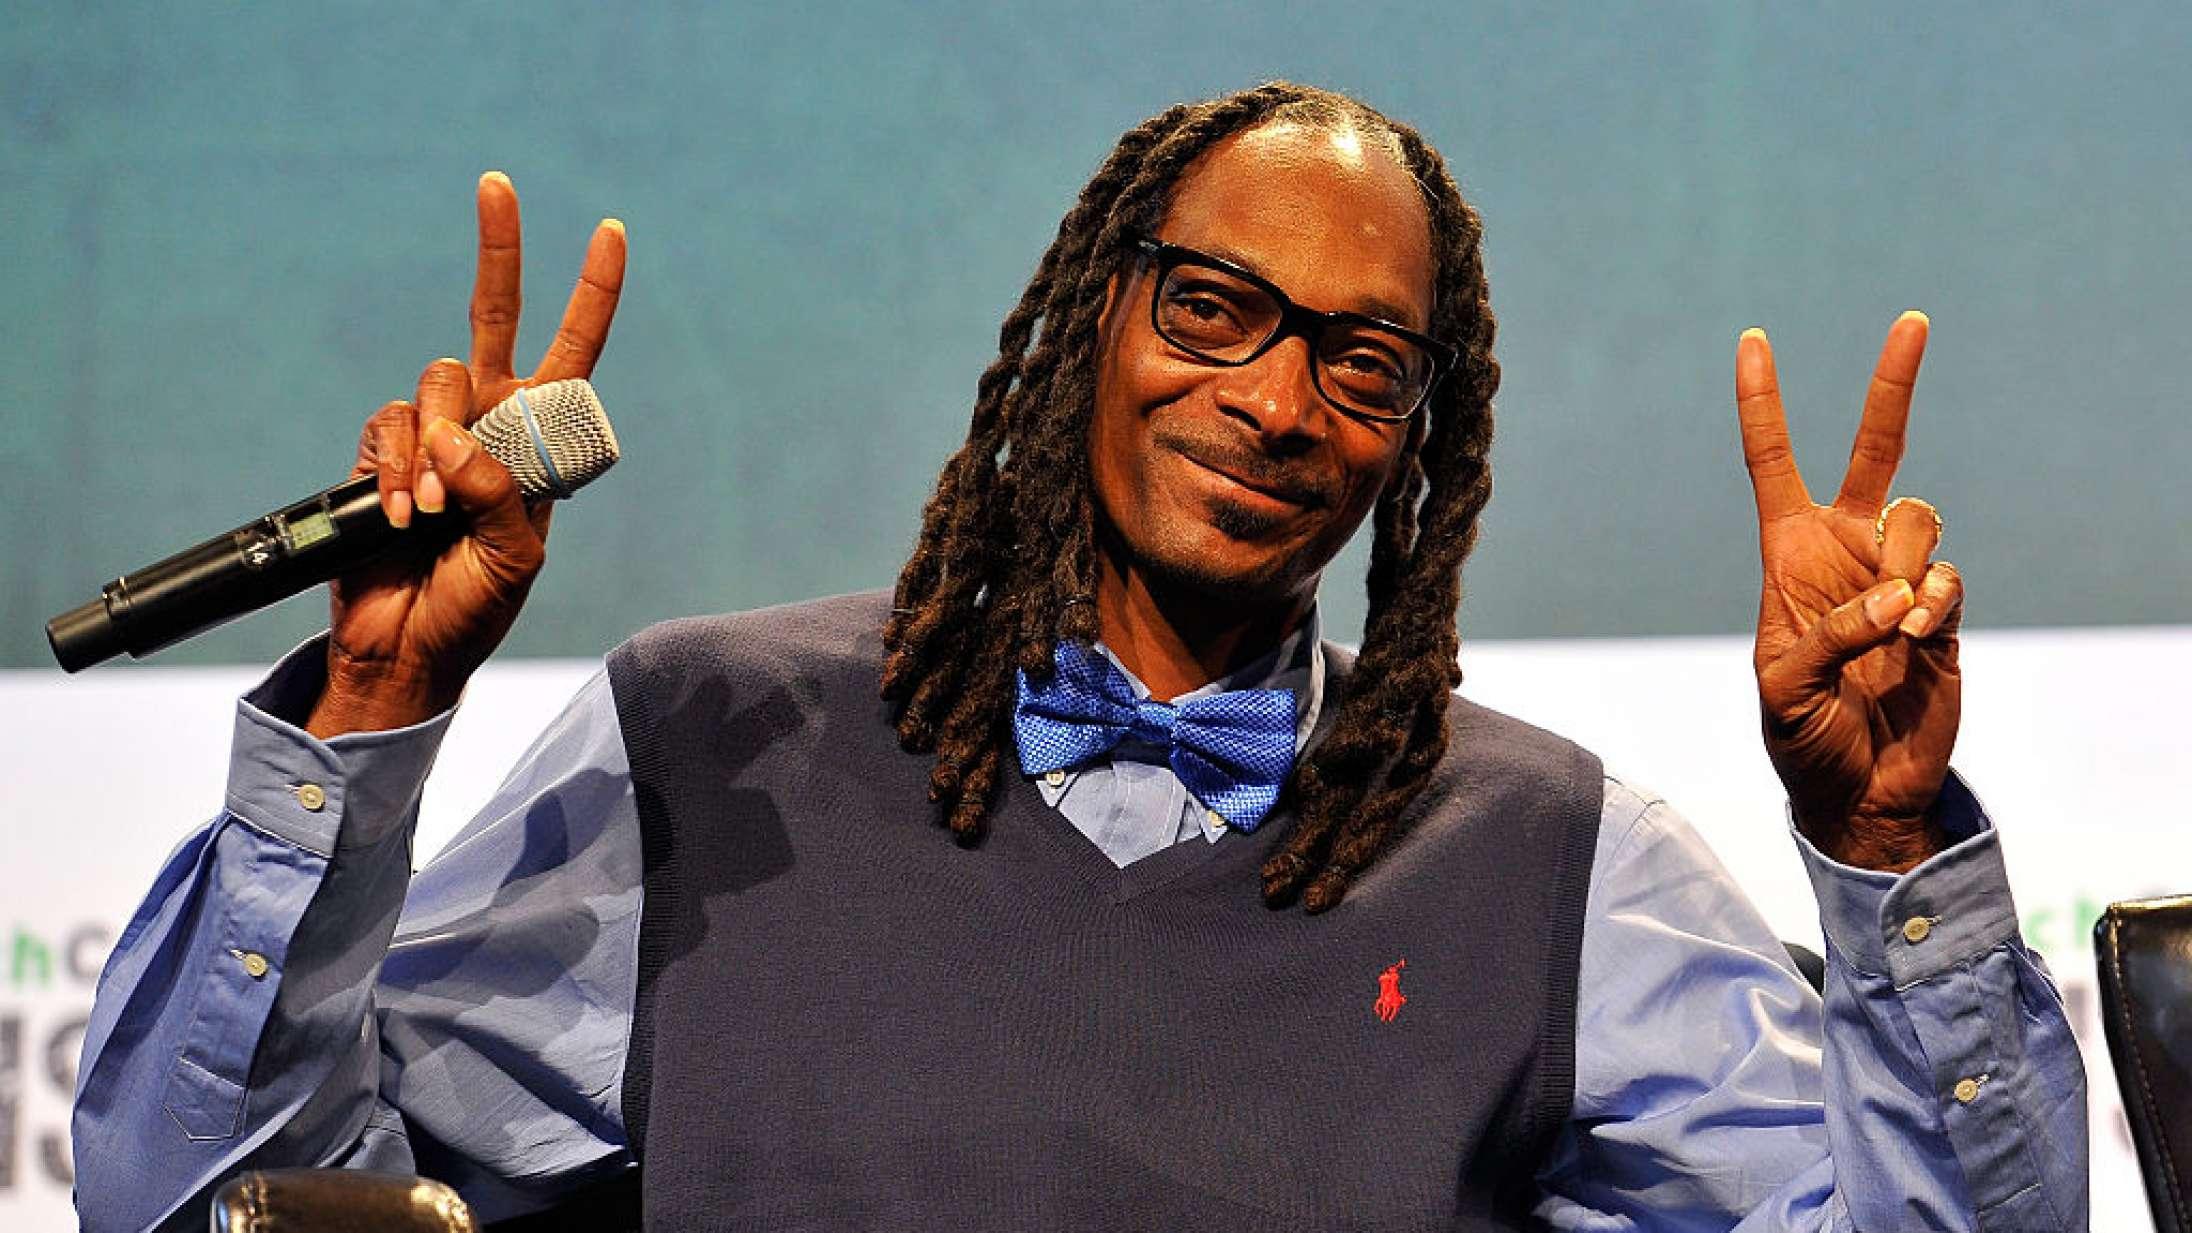 Snoop Dogg, Wiz Khalifa og flere ryger sig skæve i karantænen med #KushUpChallenge